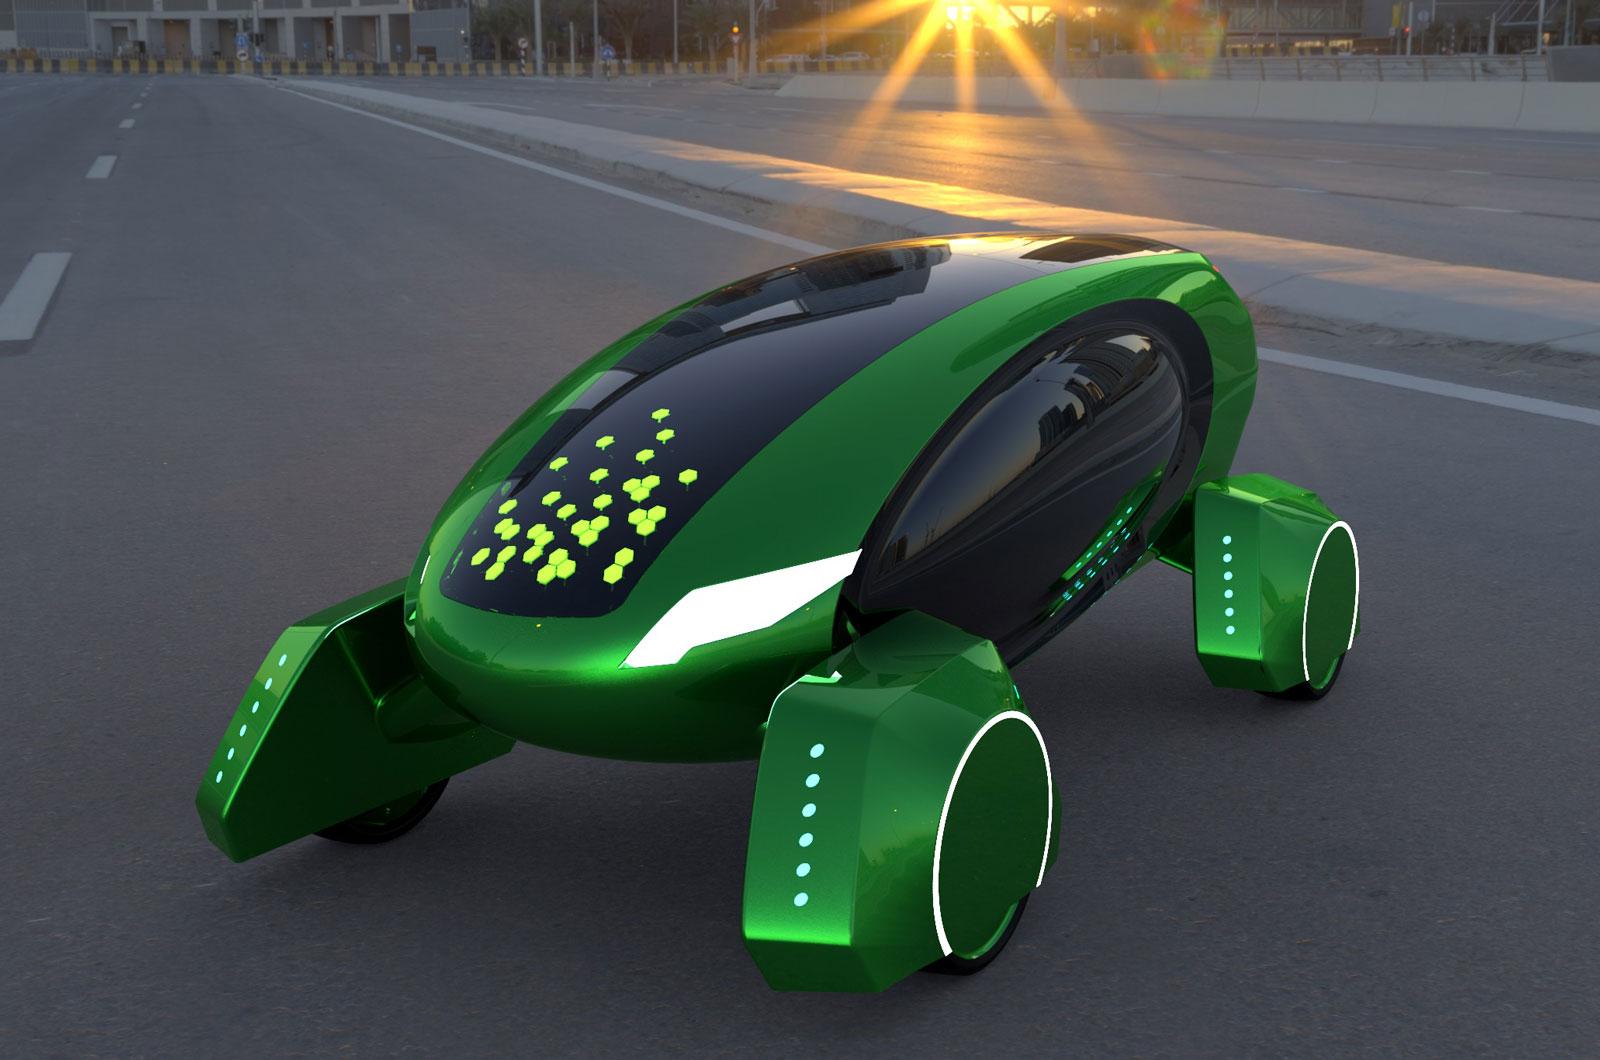 Новый автомобиль без водителя Car-Go может сократить транспортные расходы на 90%